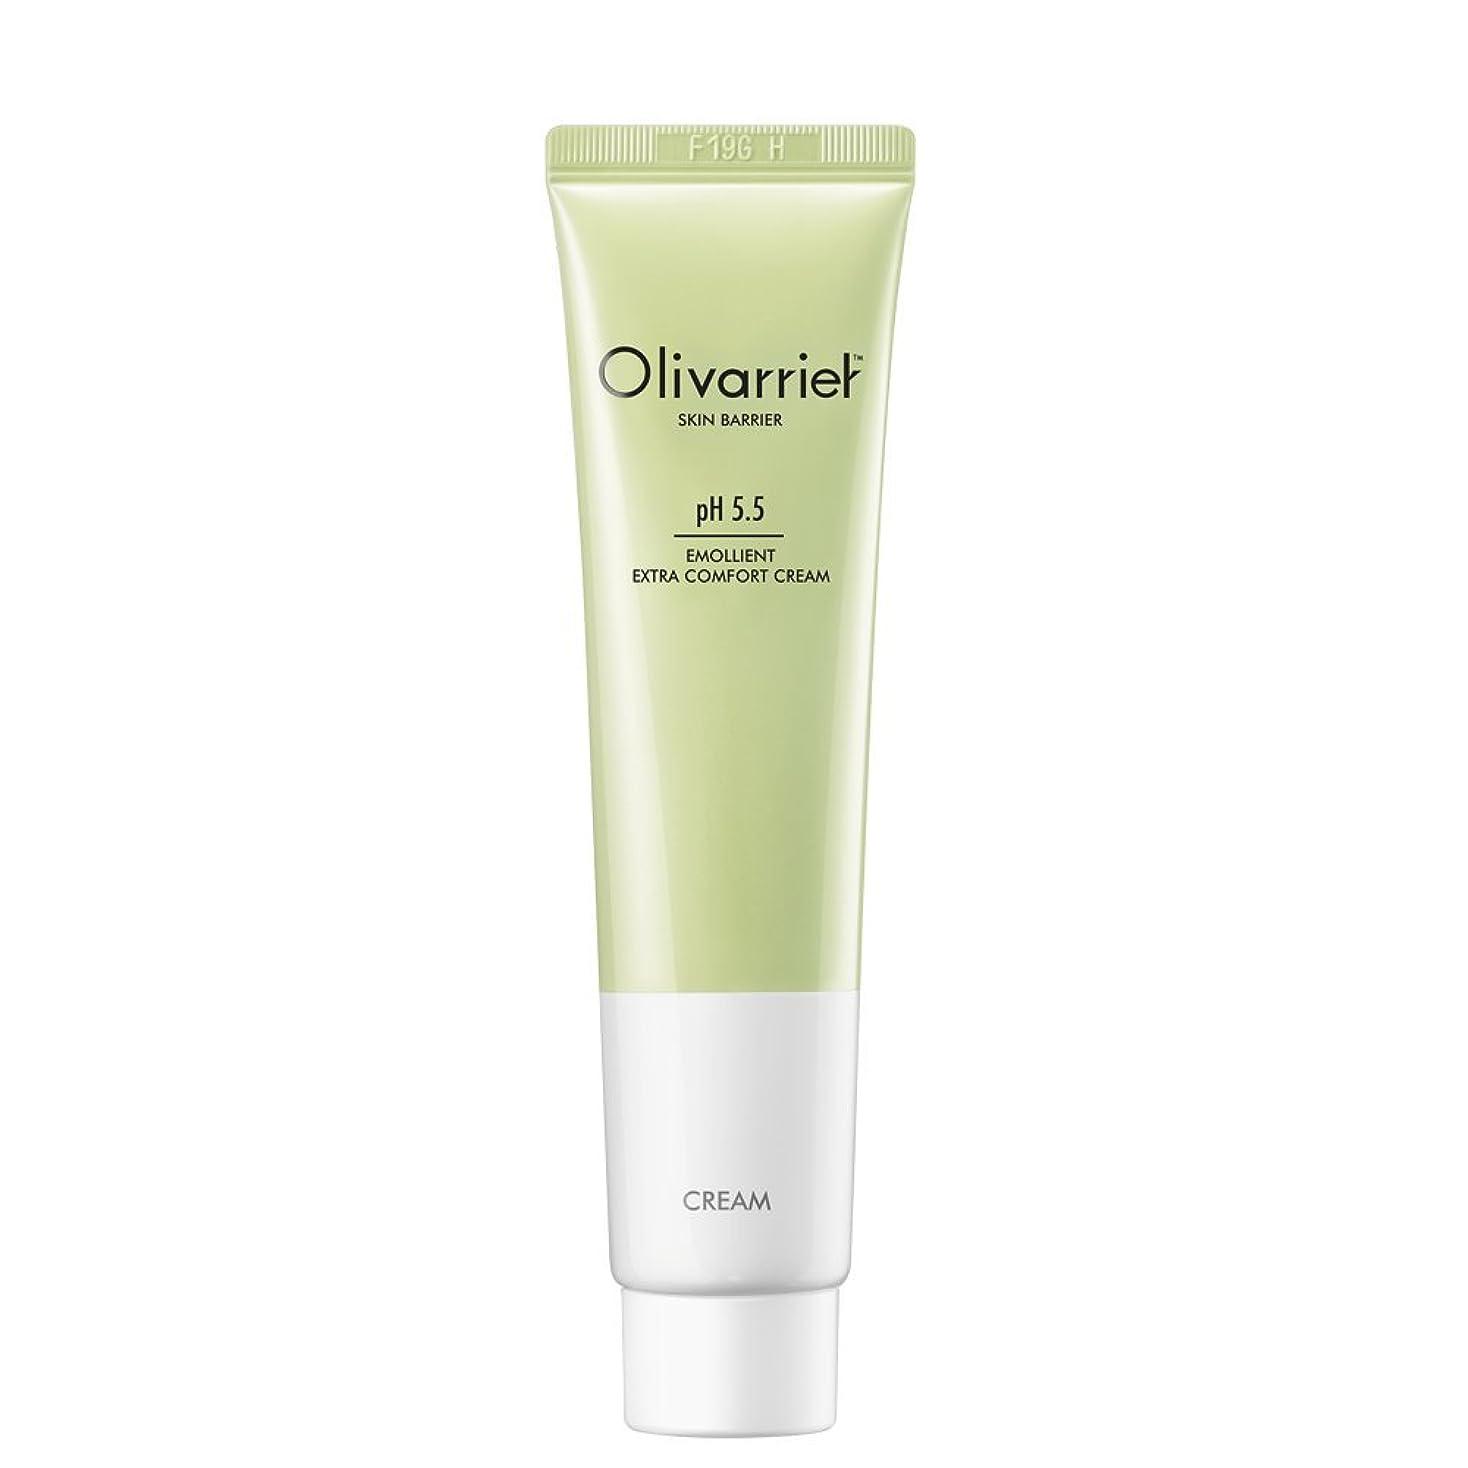 チャペル脈拍花火Olivarrier エモリエント エクストラ コンフォート クリーム 30mlベタつかず皮膚バリアを強化するパンテノール5%、オーガニックシアバター20%配合の無香料の鎮静効果のある全スキンタイプ対応のフェイシャルクリームです。